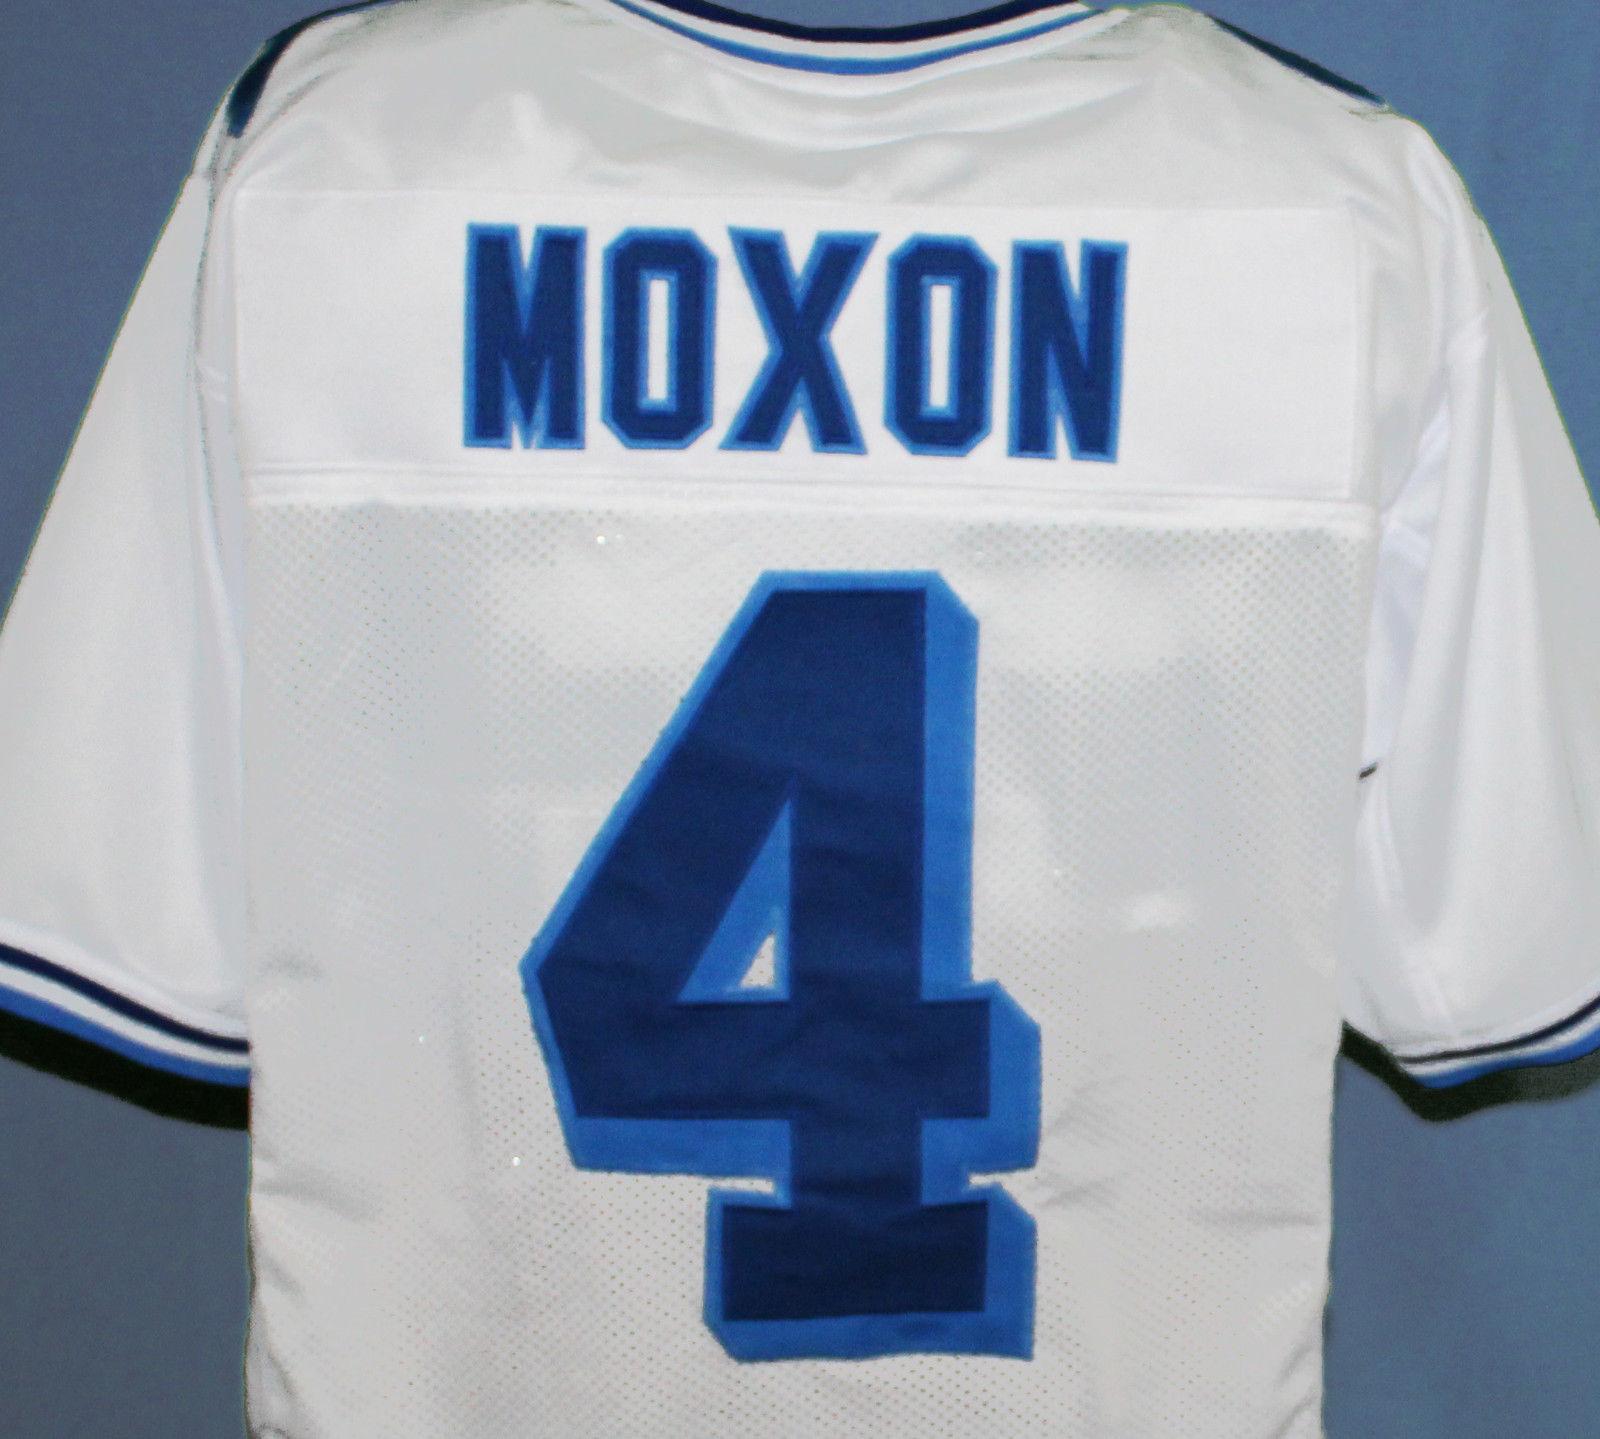 Jonathan Moxon  4 Varsity Blues Movie Jersey and similar items f4c1b8f26d